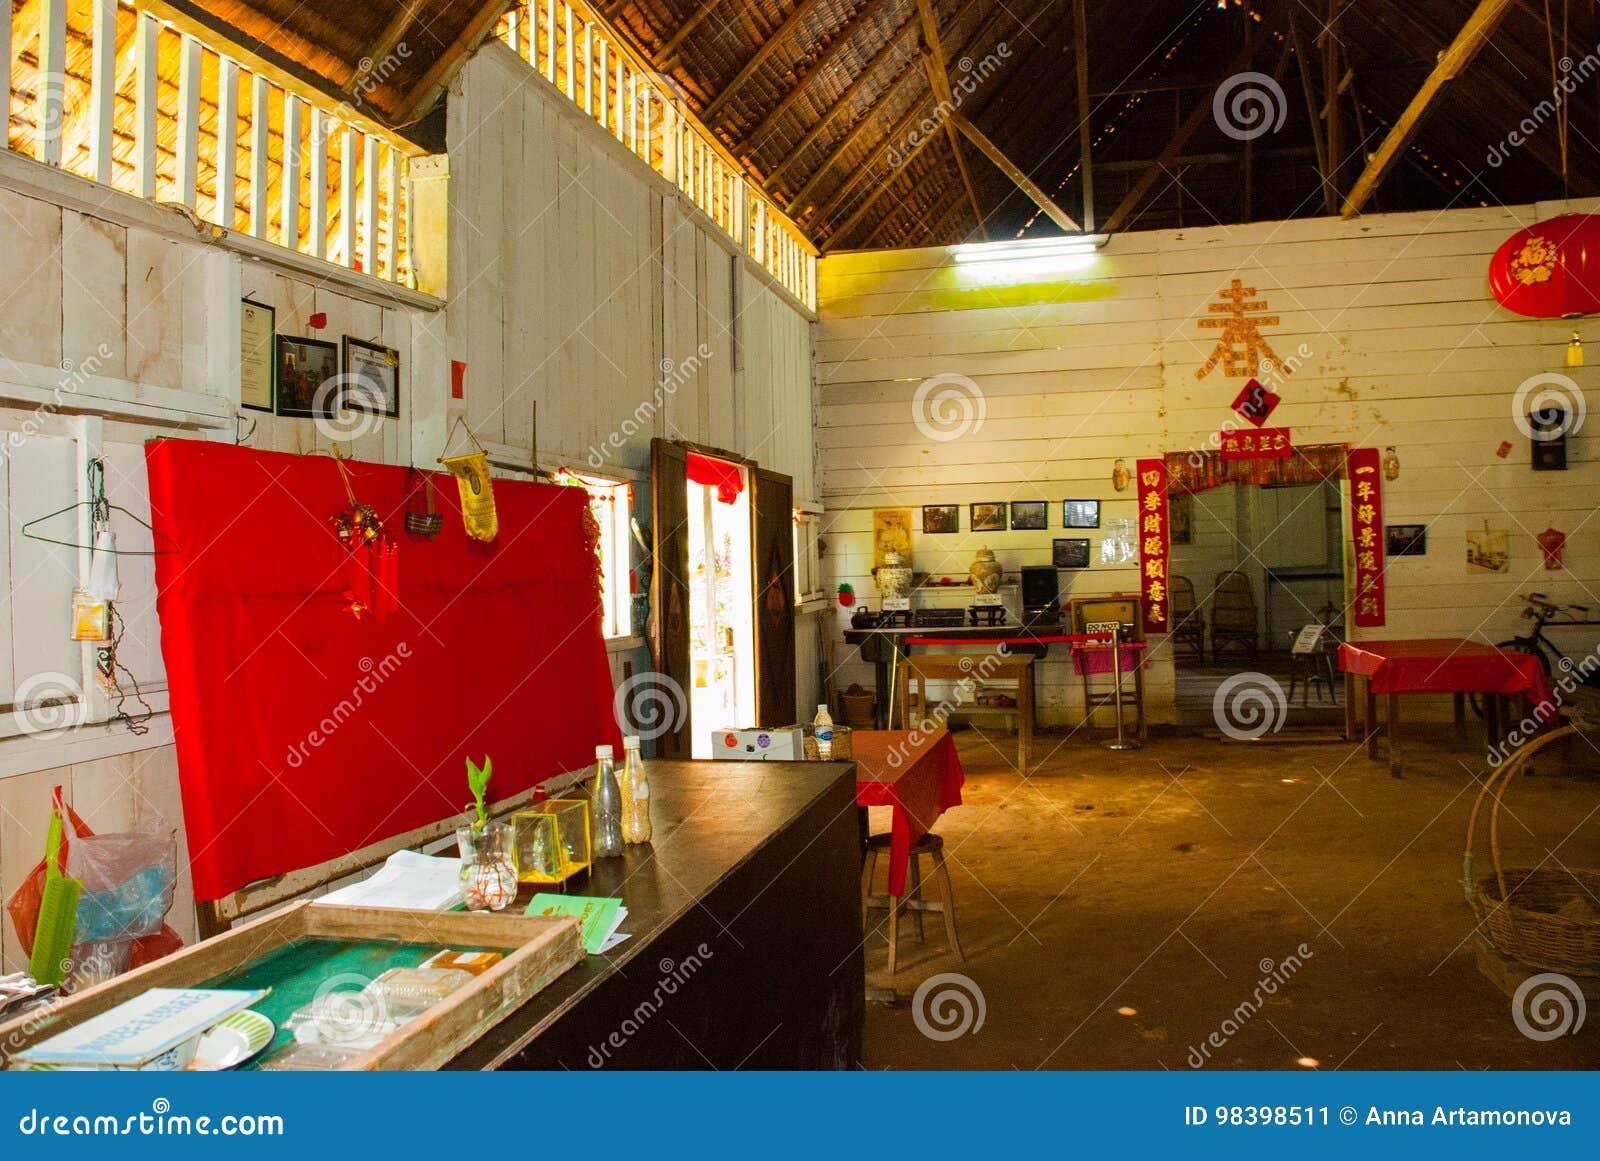 Maison chinoise kuching au village de culture de sarawak la malaisie intérieure poison nomade